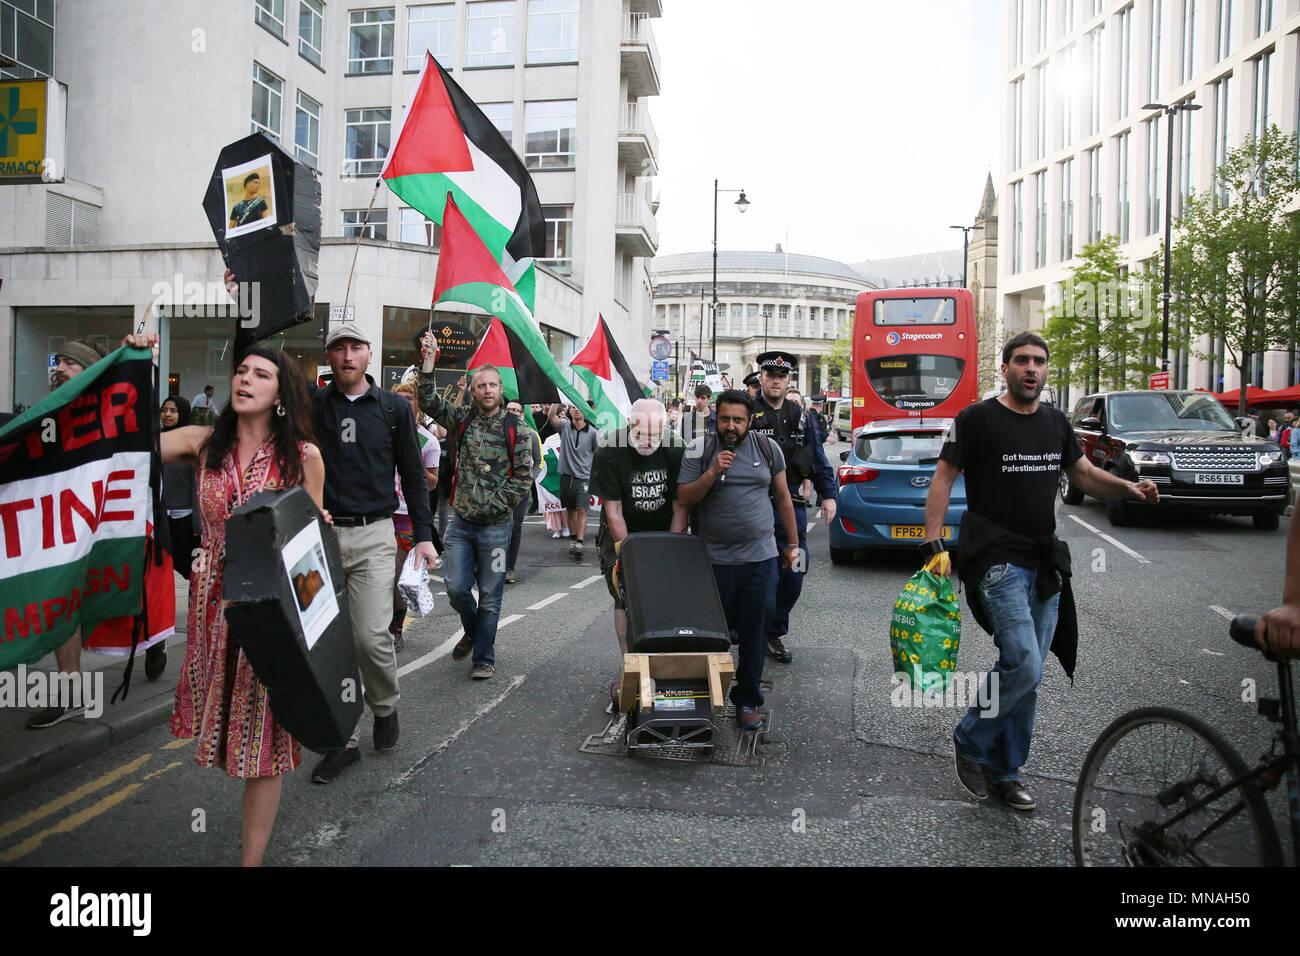 Manchester, Reino Unido. El 15 de mayo de 2018. Una marcha de protesta y sentarse fuera de la Universidad en solidaridad con Gaza y llamando a la Universidad de Manchester para boicotear, desinvertir y sancionar a Israel, Oxford Road, Manchester, el 15 de mayo de 2018, C)Barbara Cook/Alamy Live News Imagen De Stock